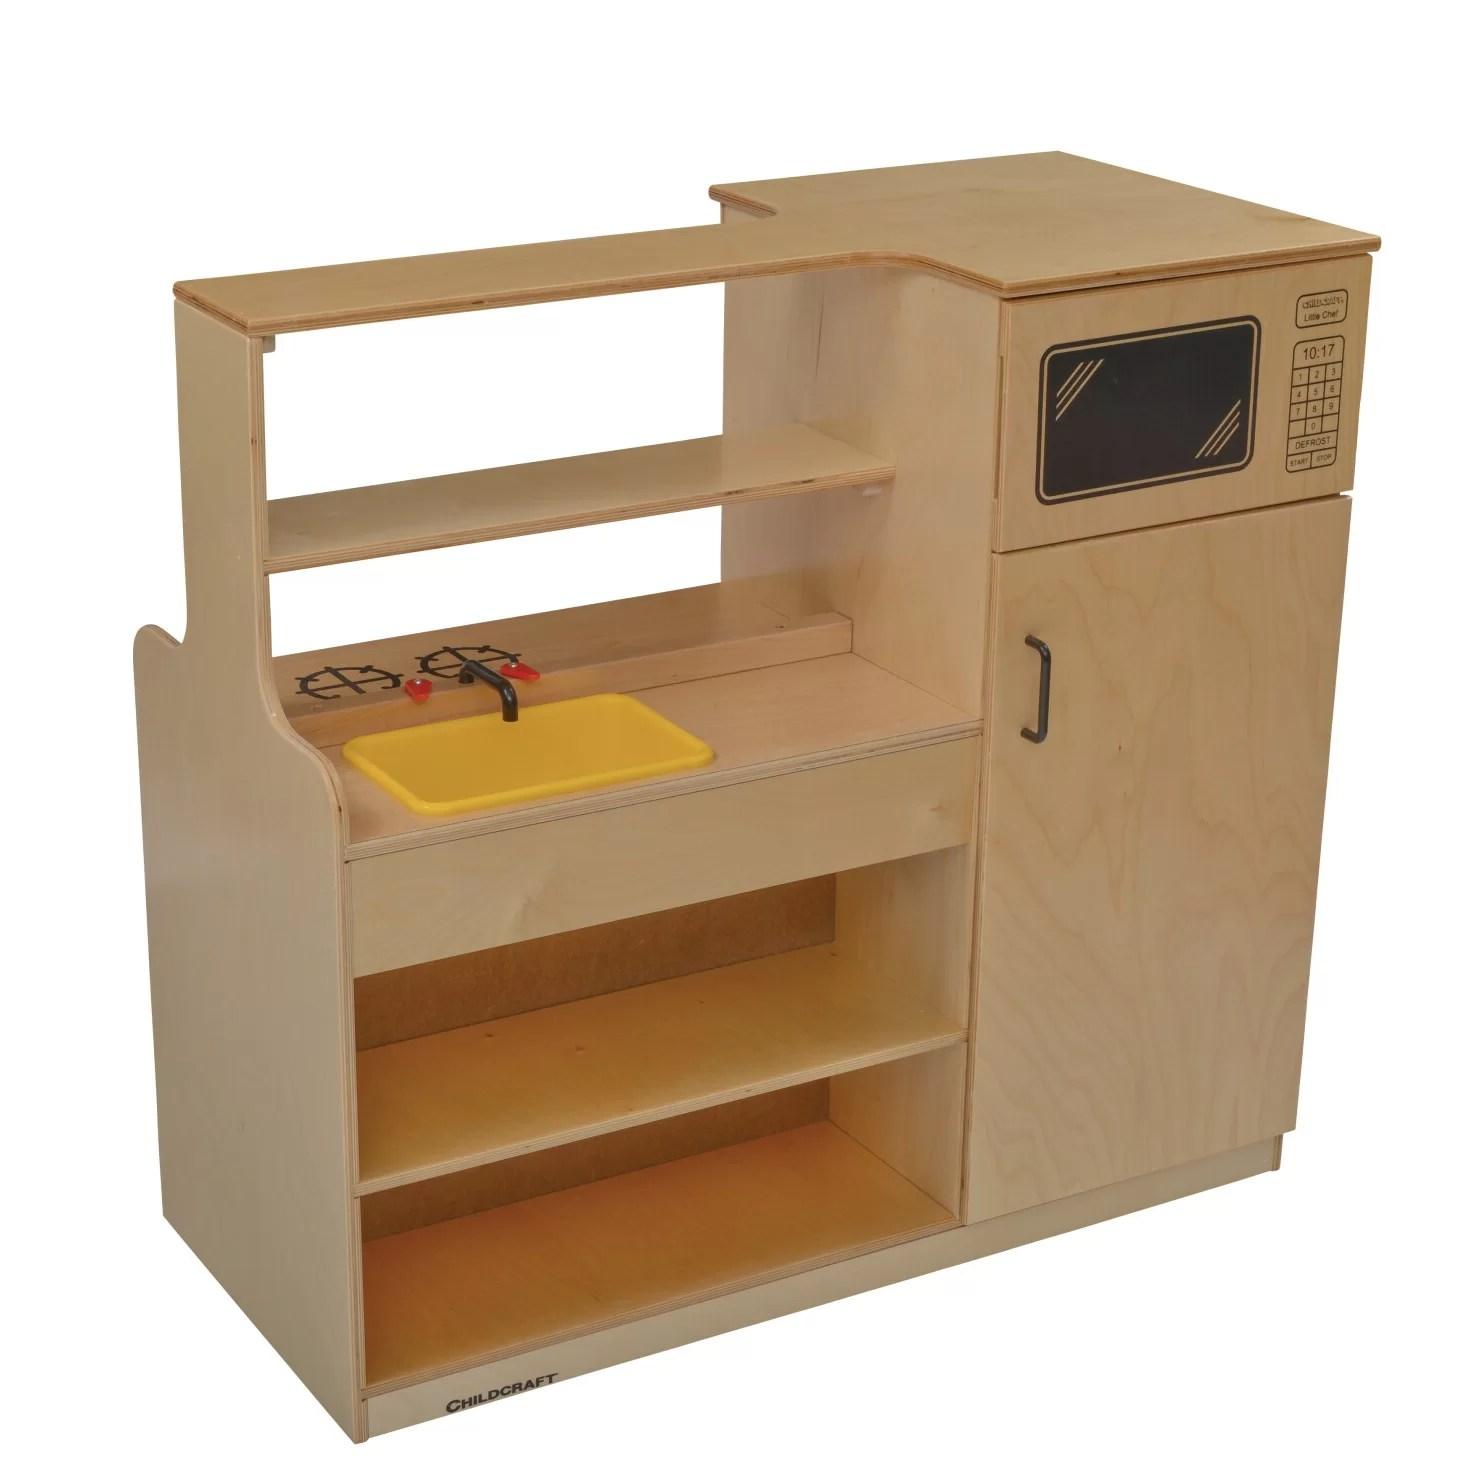 Childcraft Mobile Island Play Kitchen  Wayfair